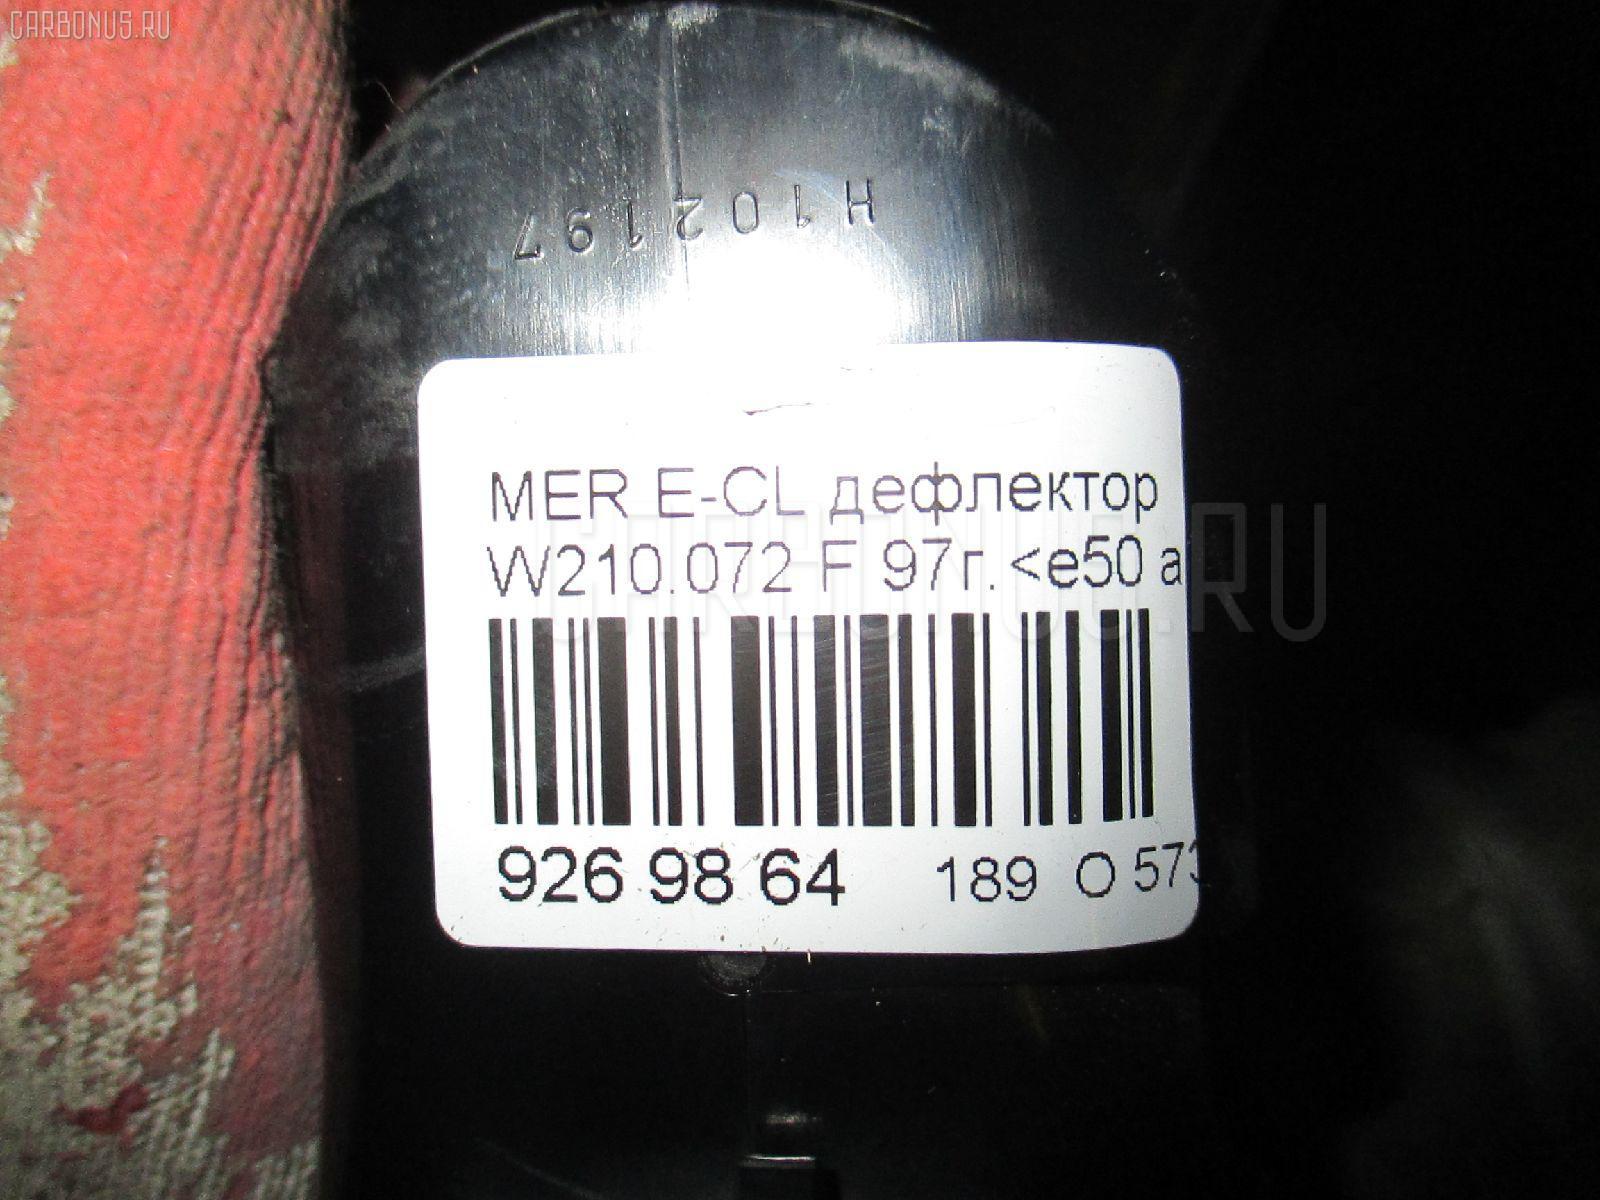 Дефлектор MERCEDES-BENZ E-CLASS W210.072 Фото 9